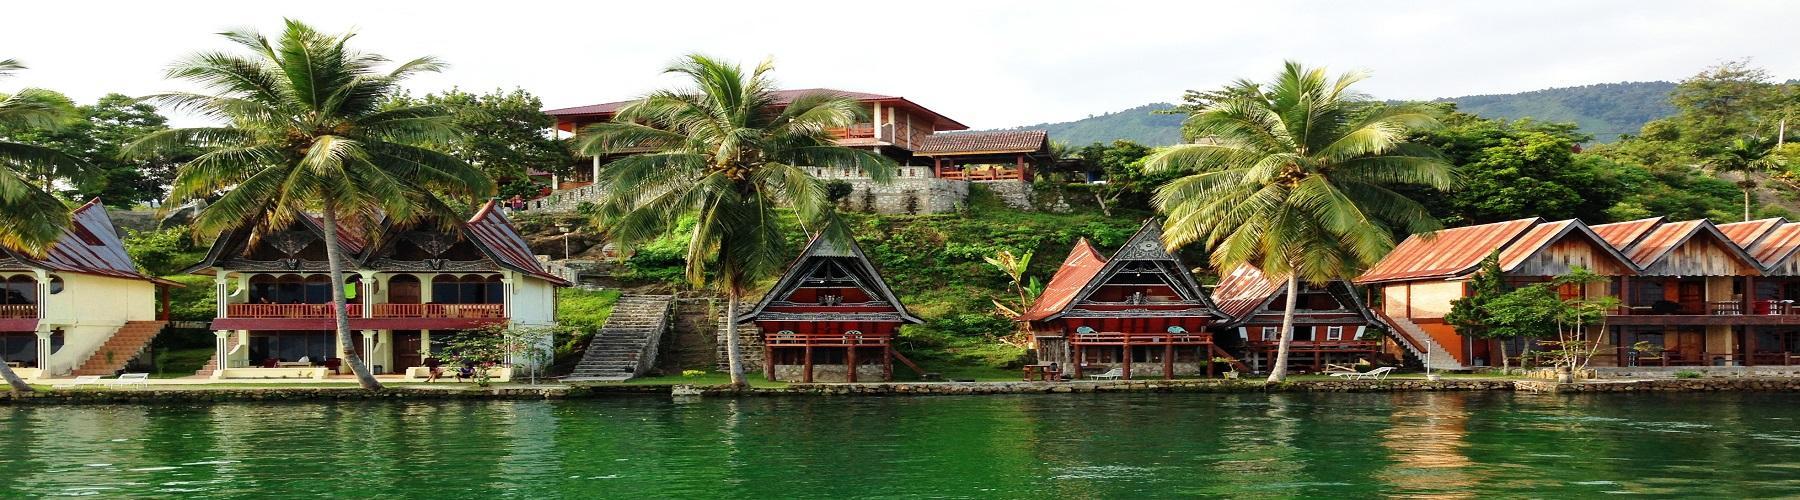 Путешествие на о.Суматра